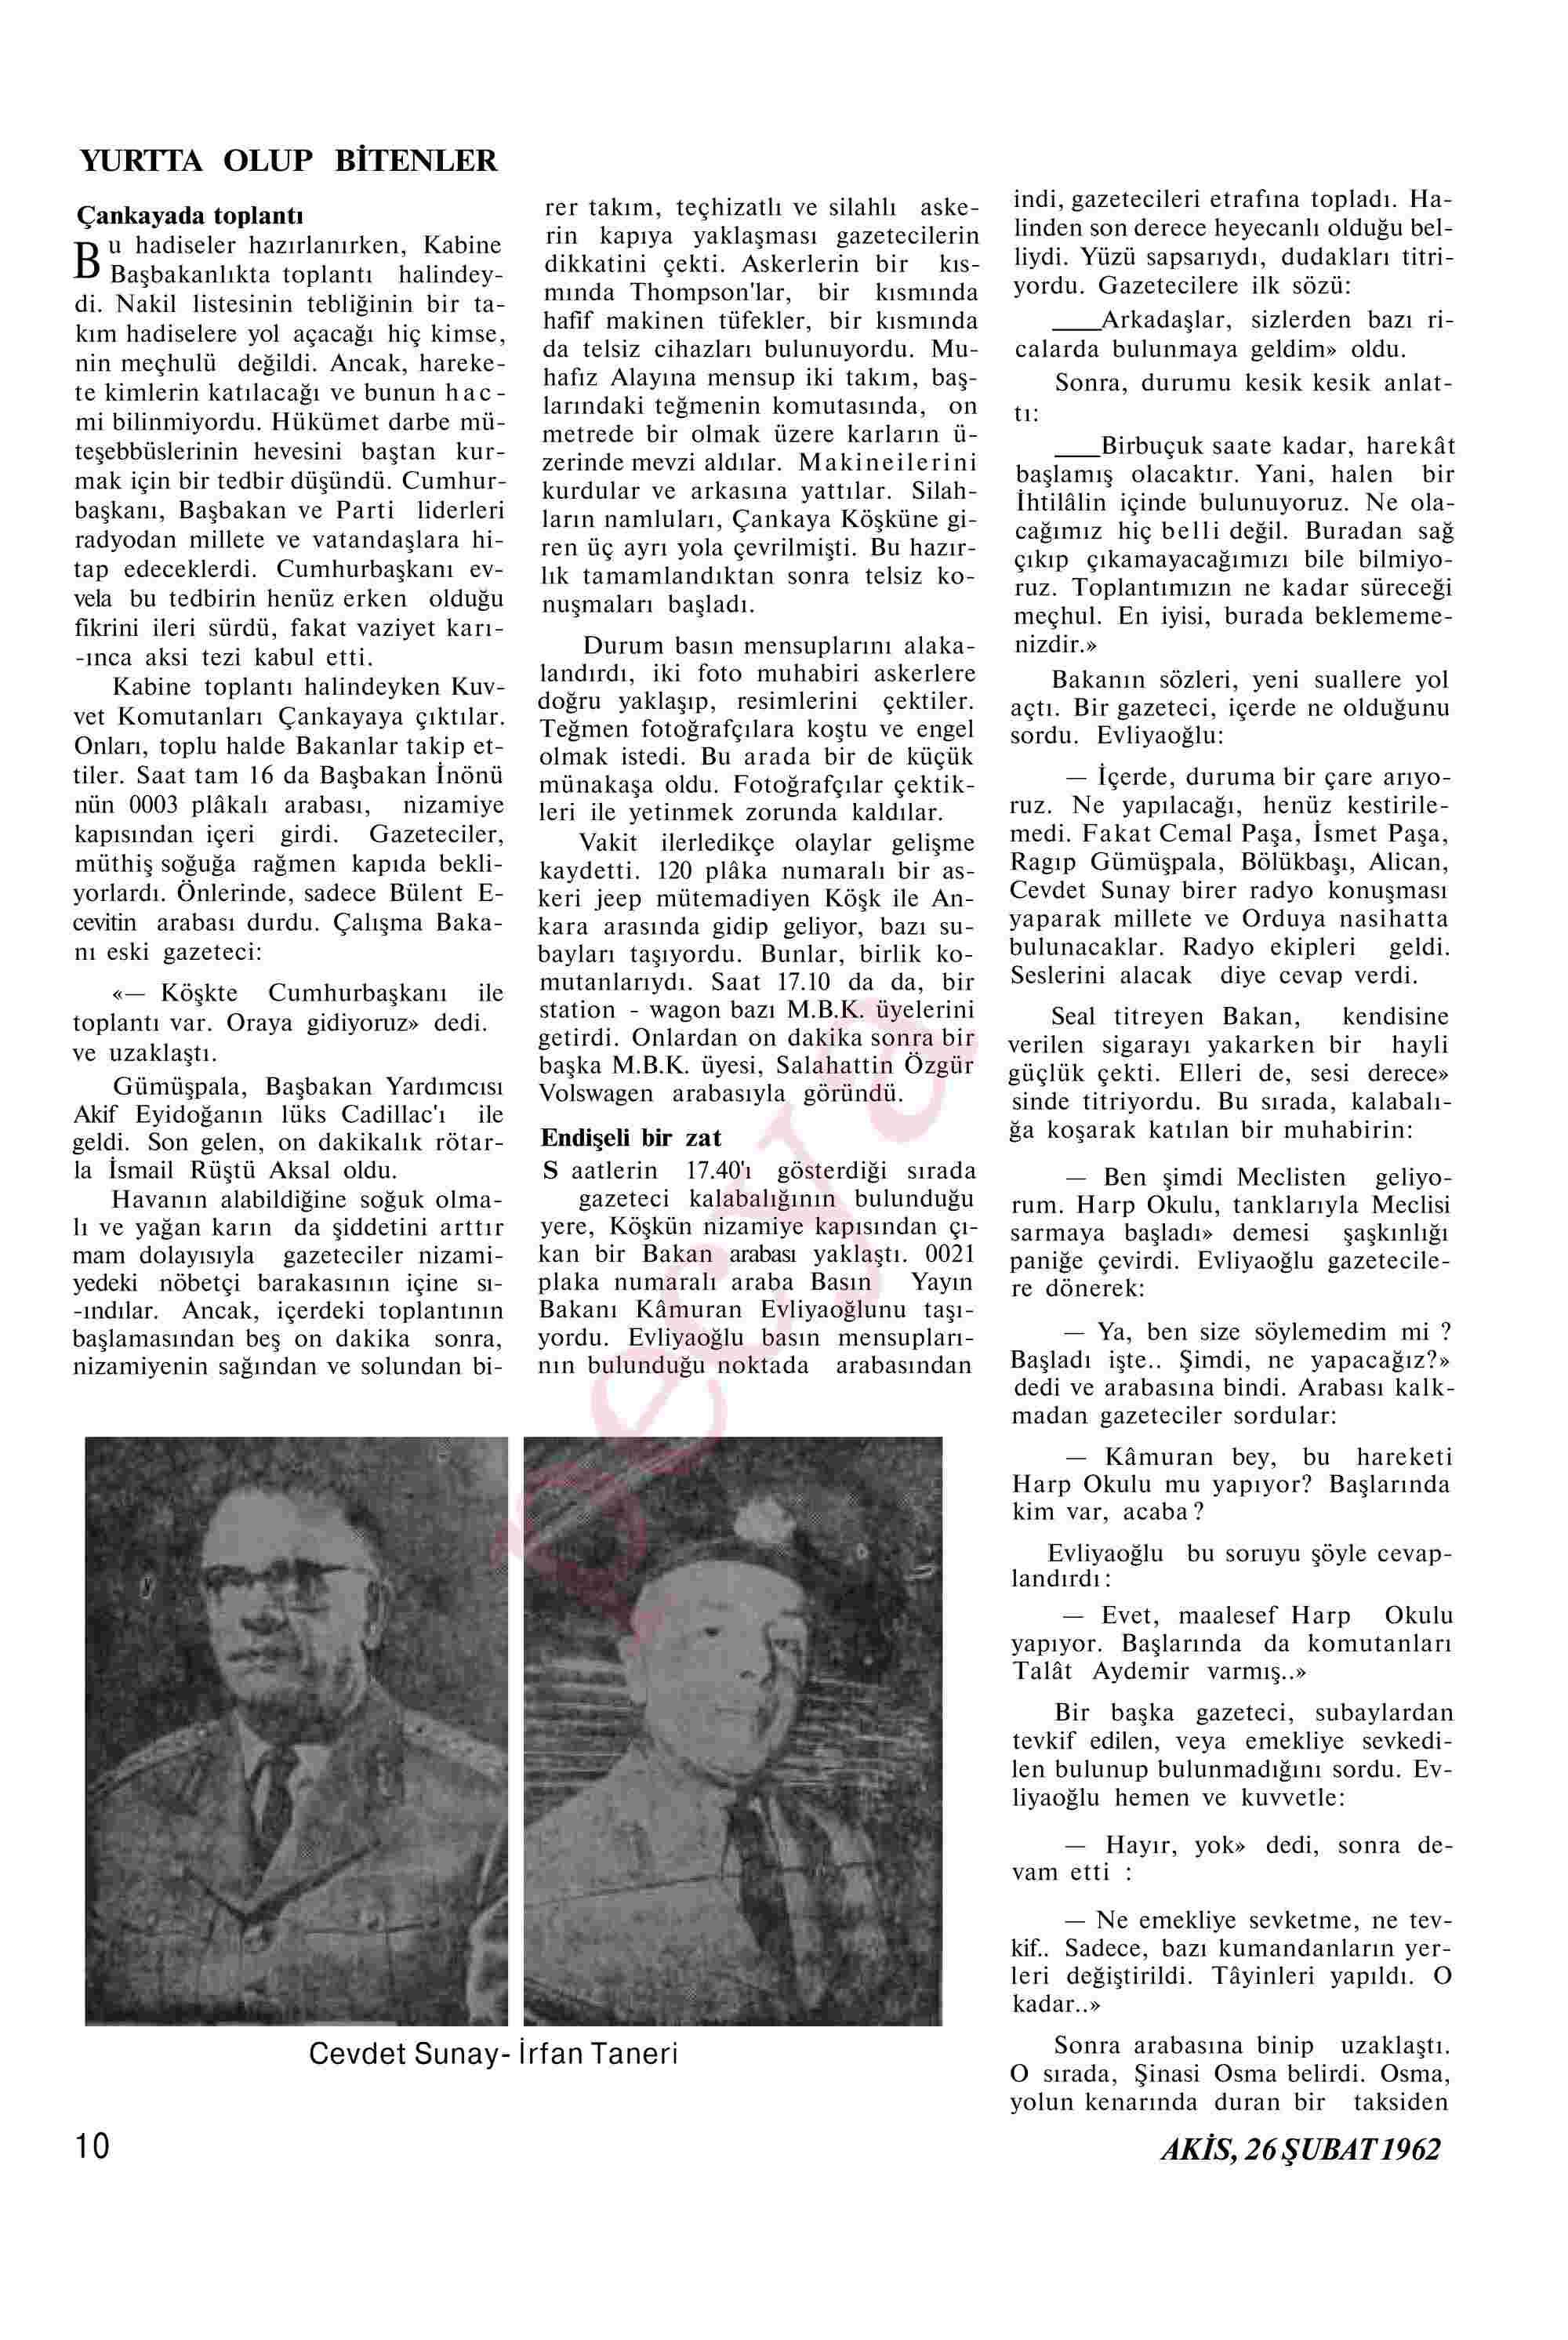 26 Şubat 1962 Tarihli Akis Dergisi Sayfa 10